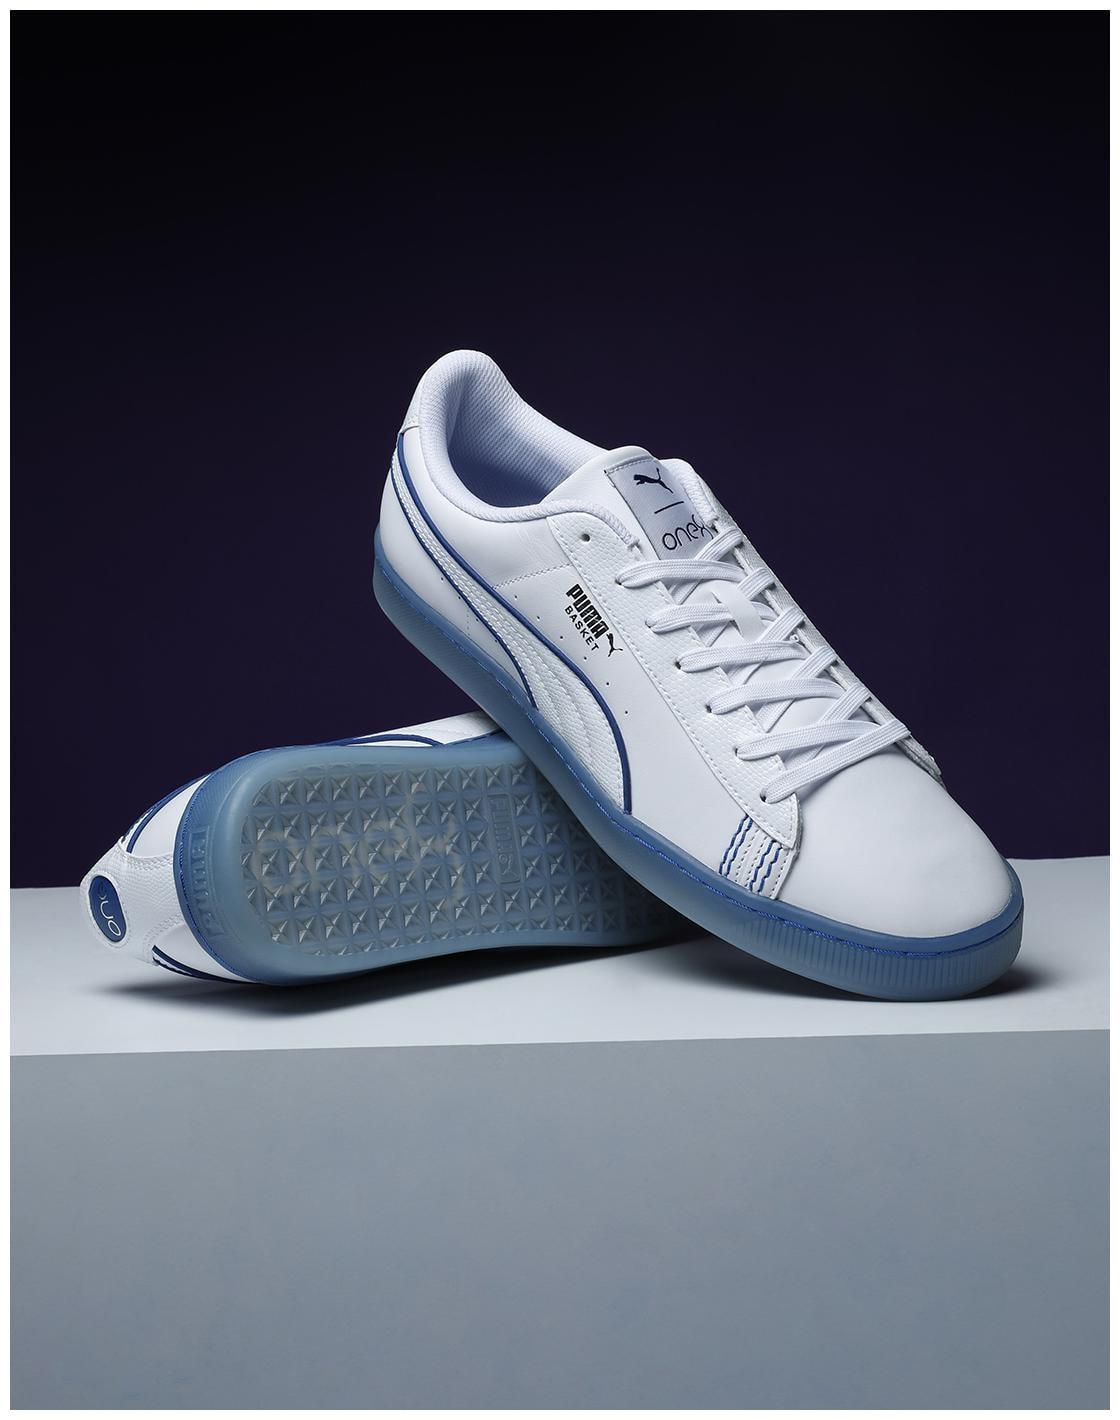 Puma Casual Shoes | Puma Casual Shoes